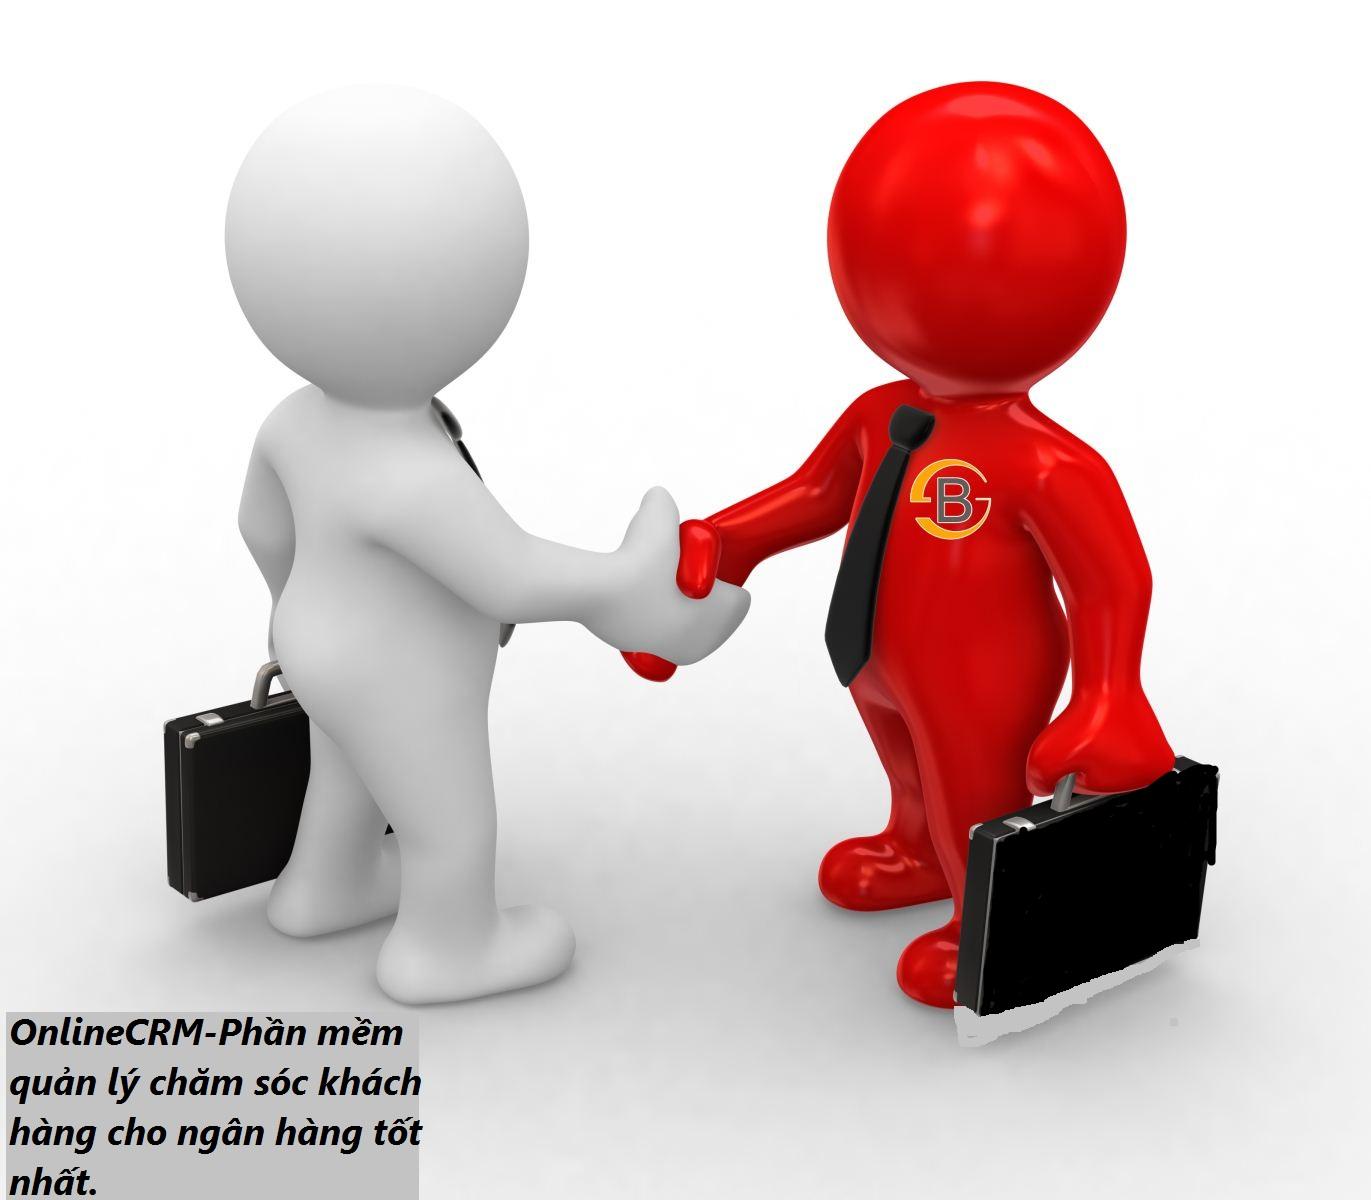 Phần mềm quản lý chăm sóc khách hàng cho lĩnh vực ngân hàng